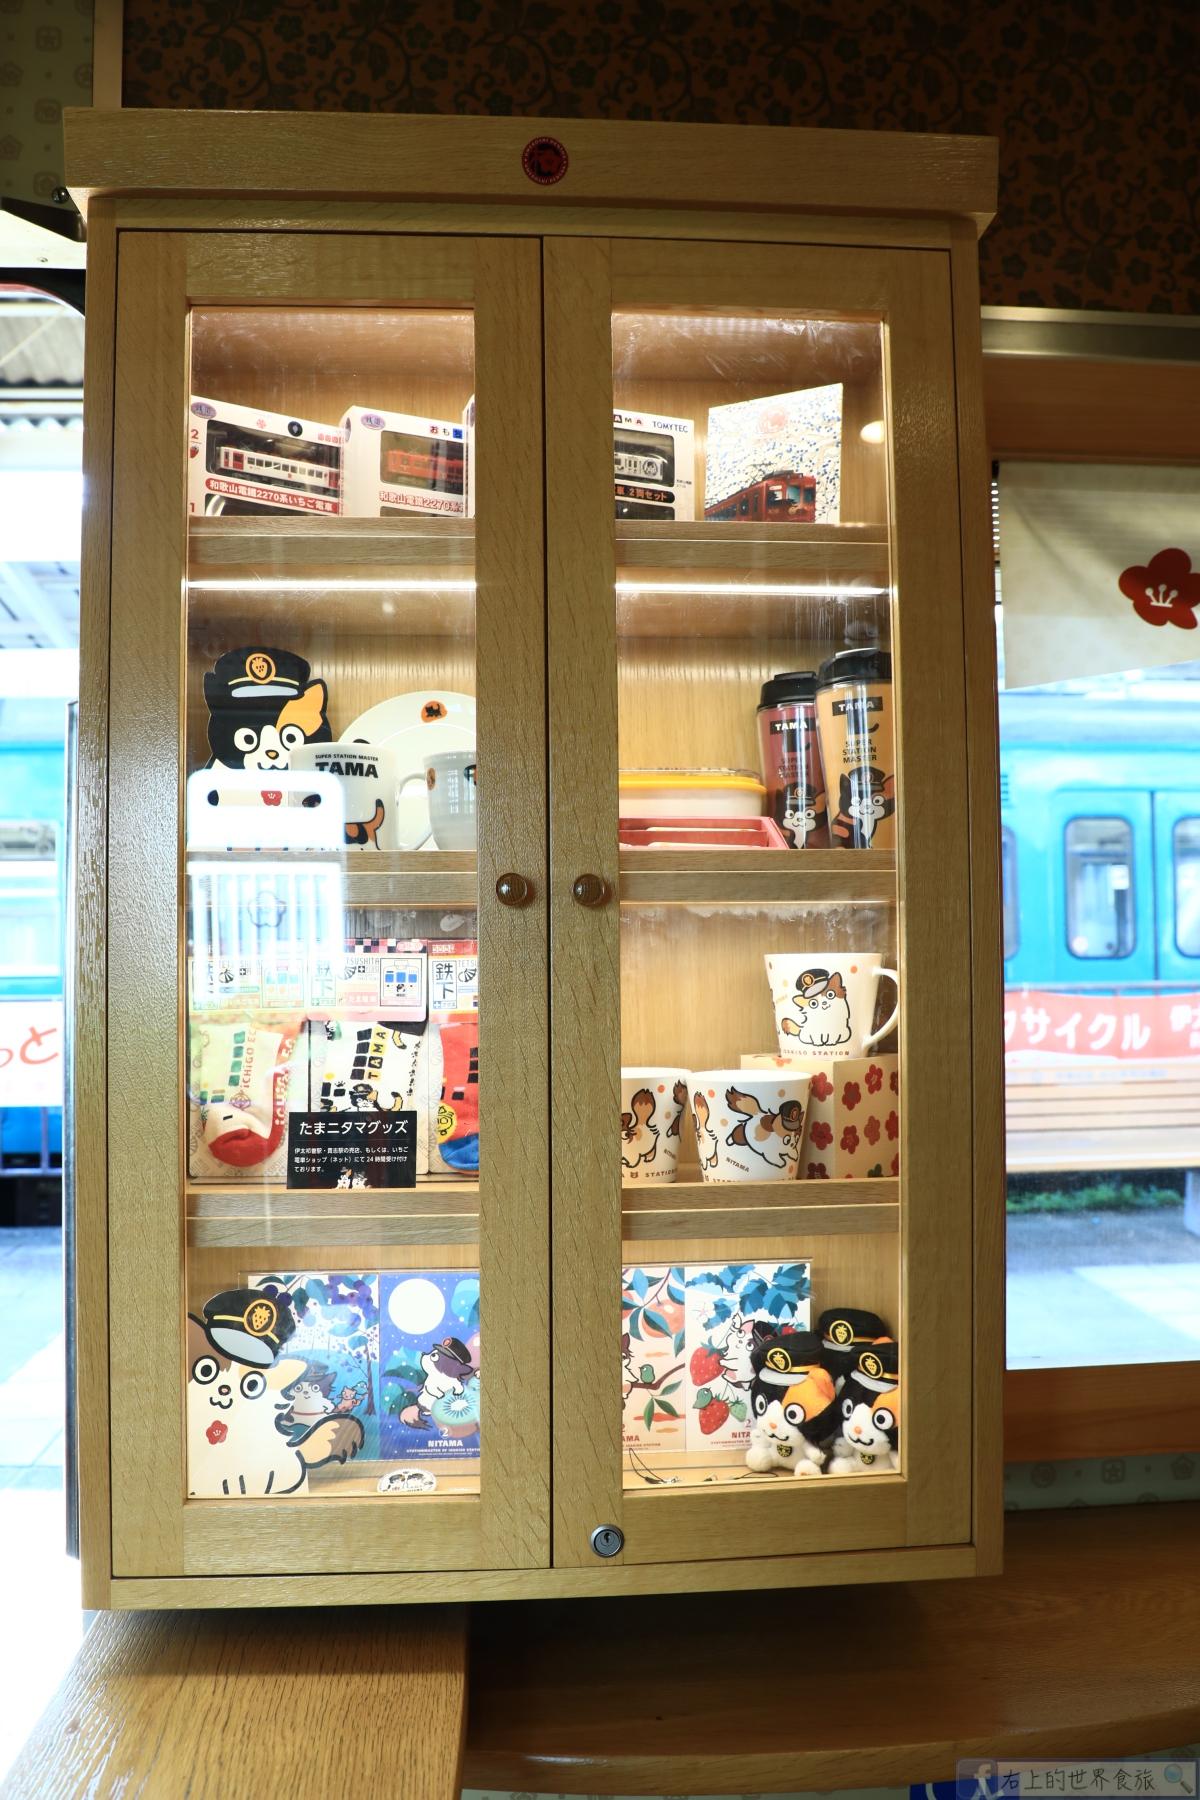 貴志貓車站半日旅-必訪貓站長小玉.主題列車.貓奴夢想之地:和歌山電鐵貴志川線 @右上世界食旅